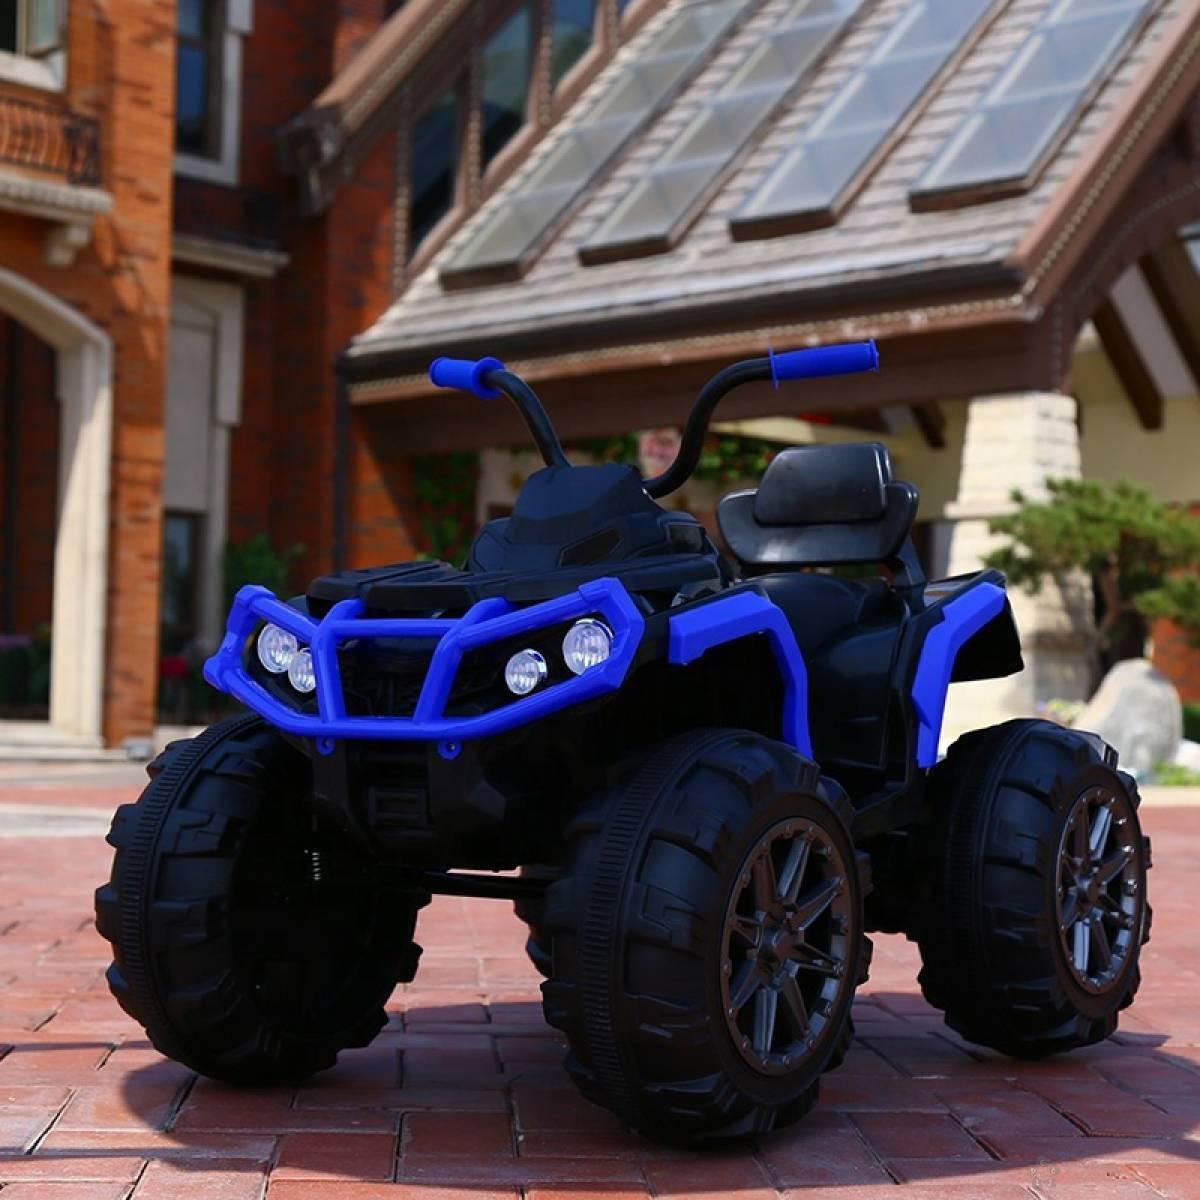 Bagi (quad) plavi, model 107aris